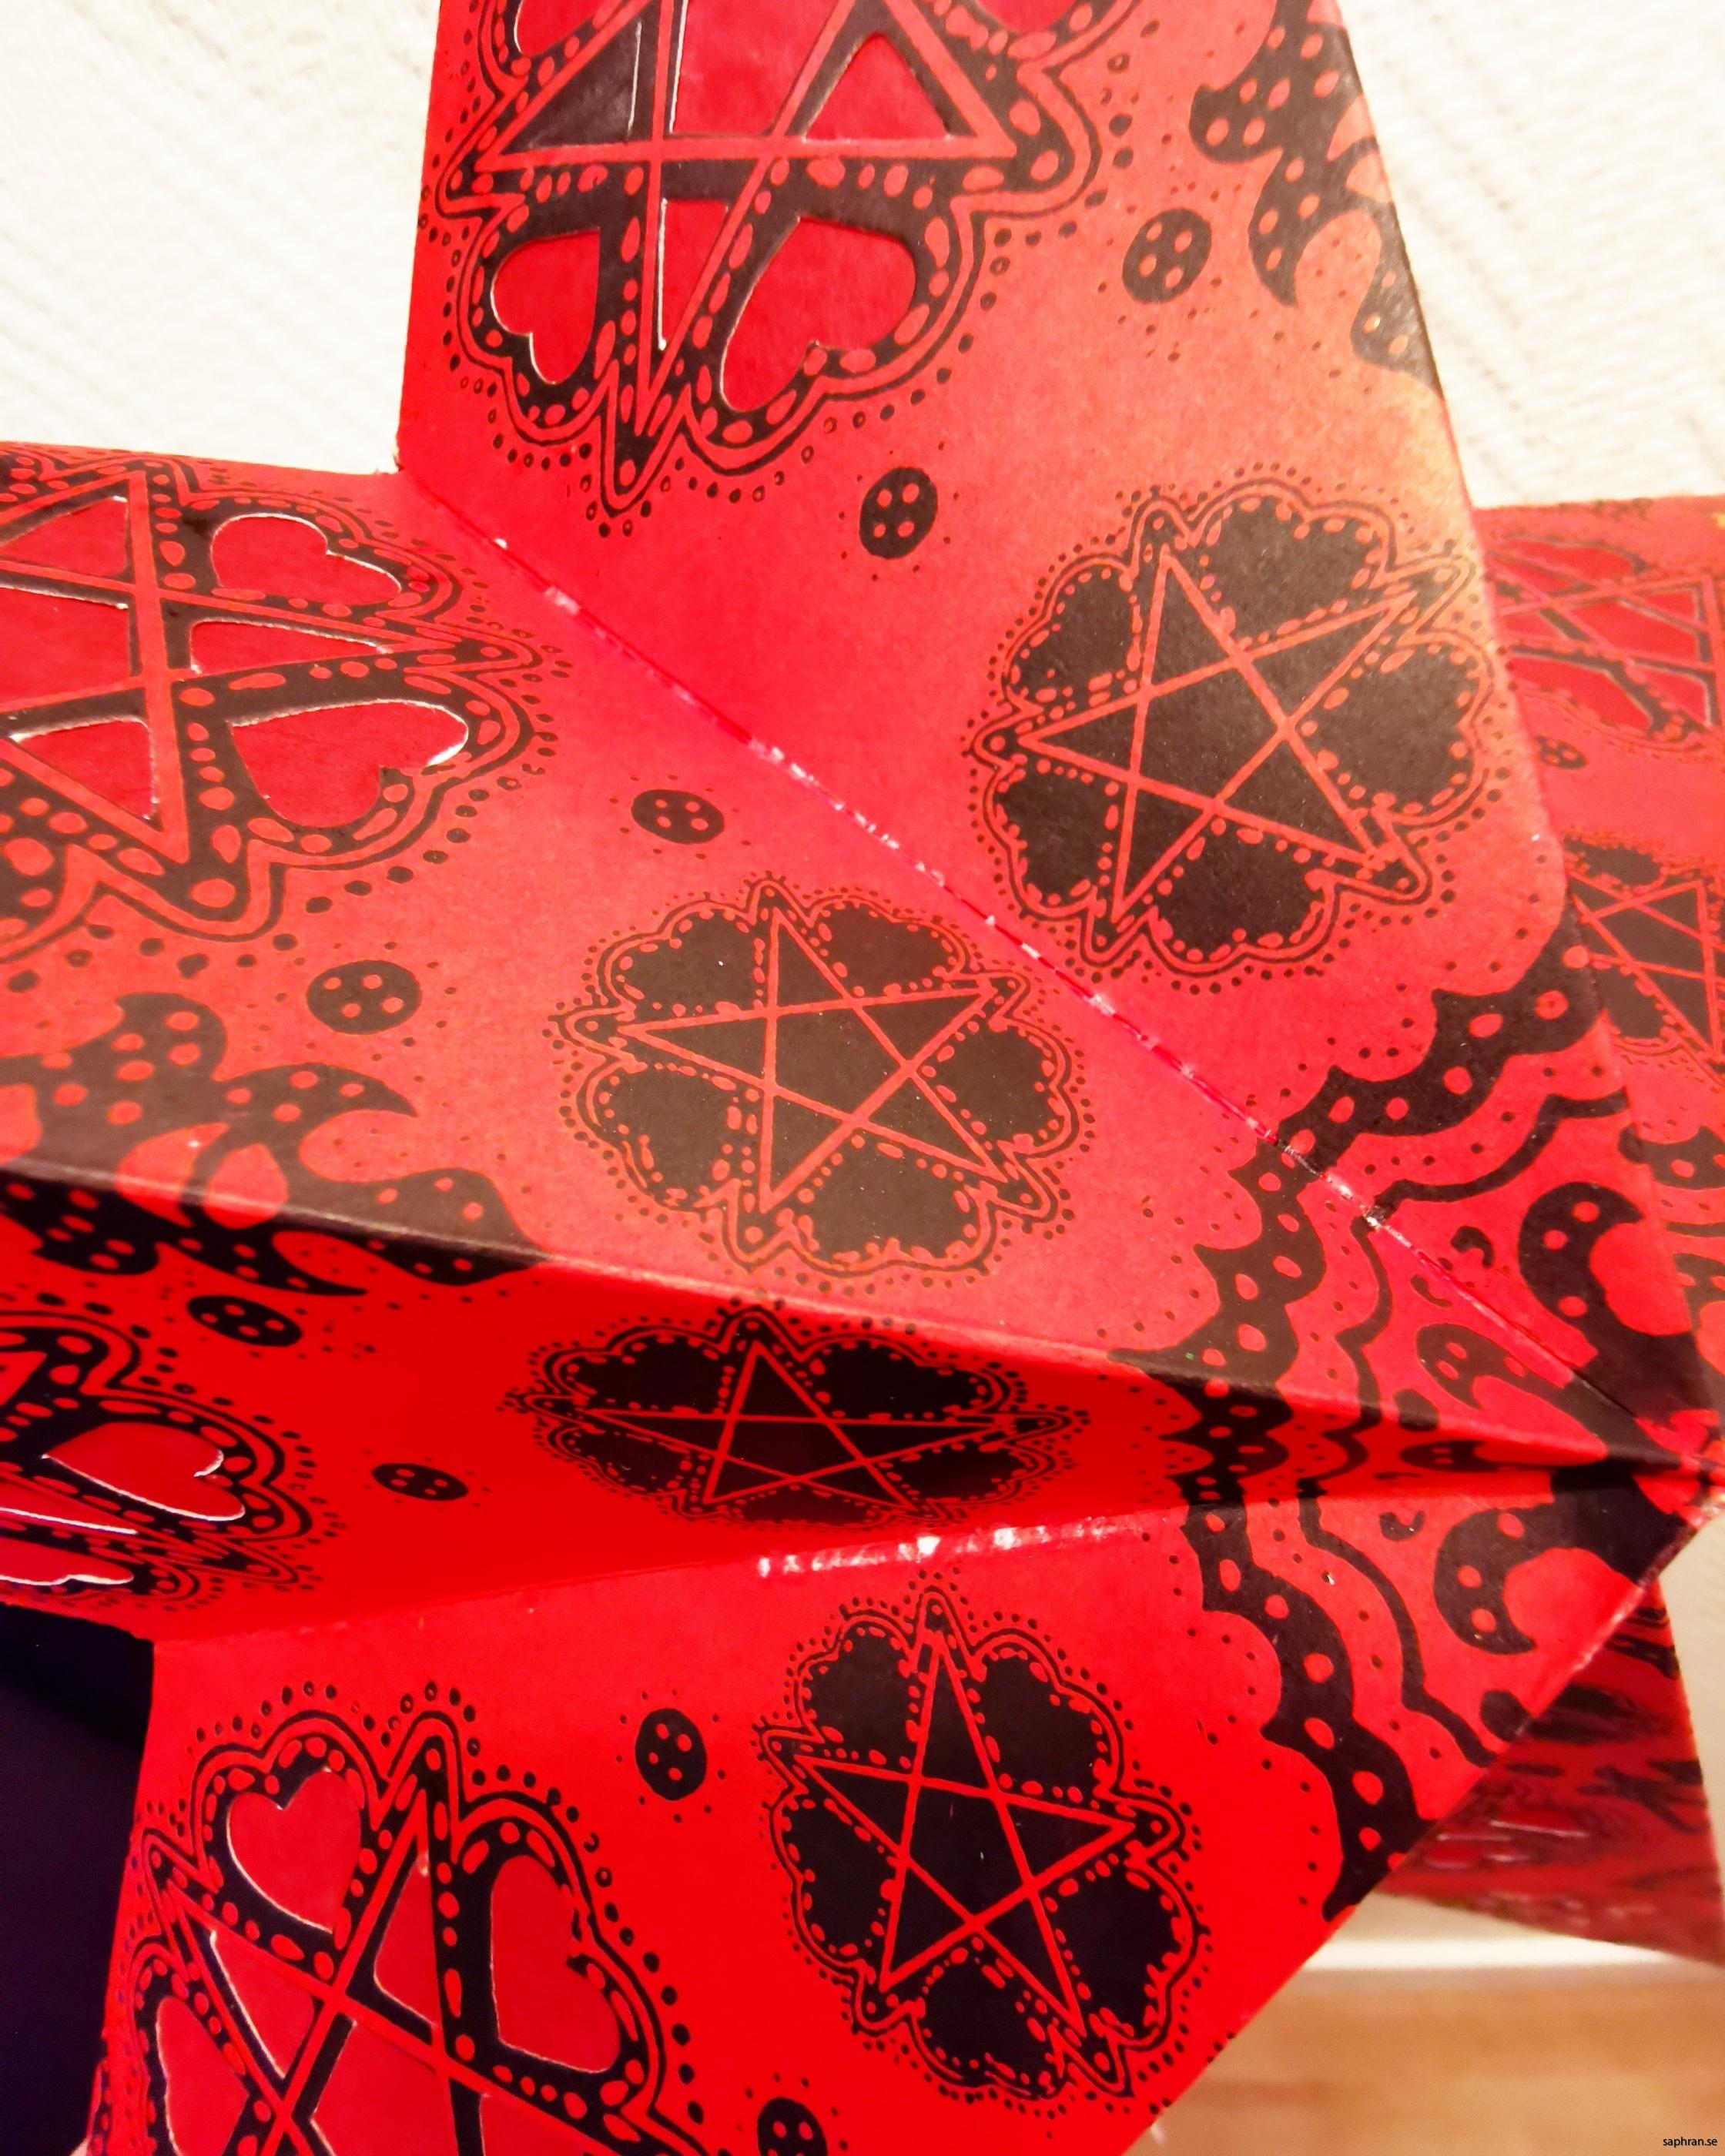 Färgglad Indisk julstjärna/adventsstjärna i rött kitschigt papper